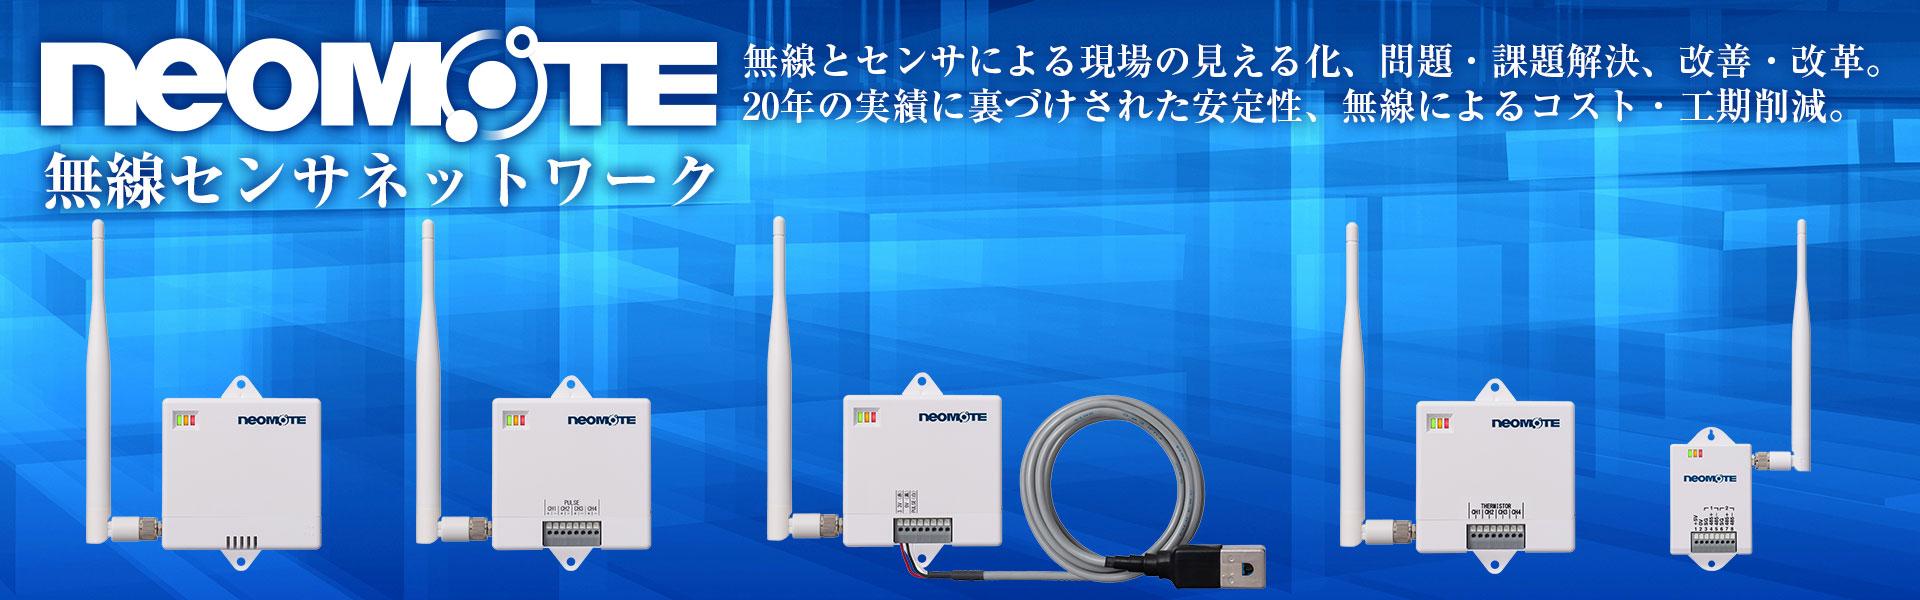 neoMOTE 無線センサネットワーク